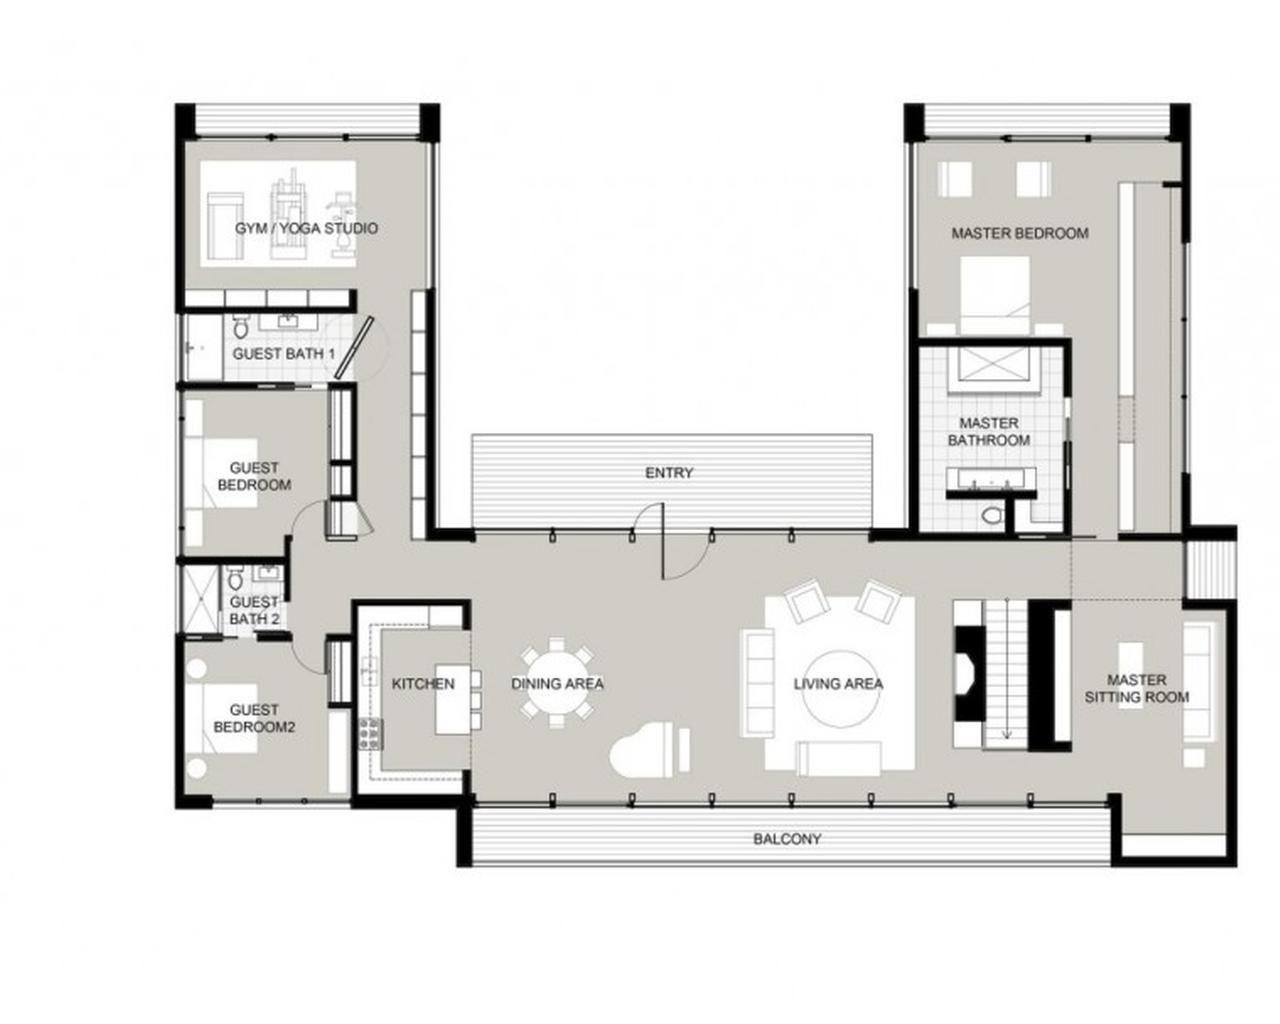 U Shaped House Plans With Courtyard Pool House Plans U Shaped